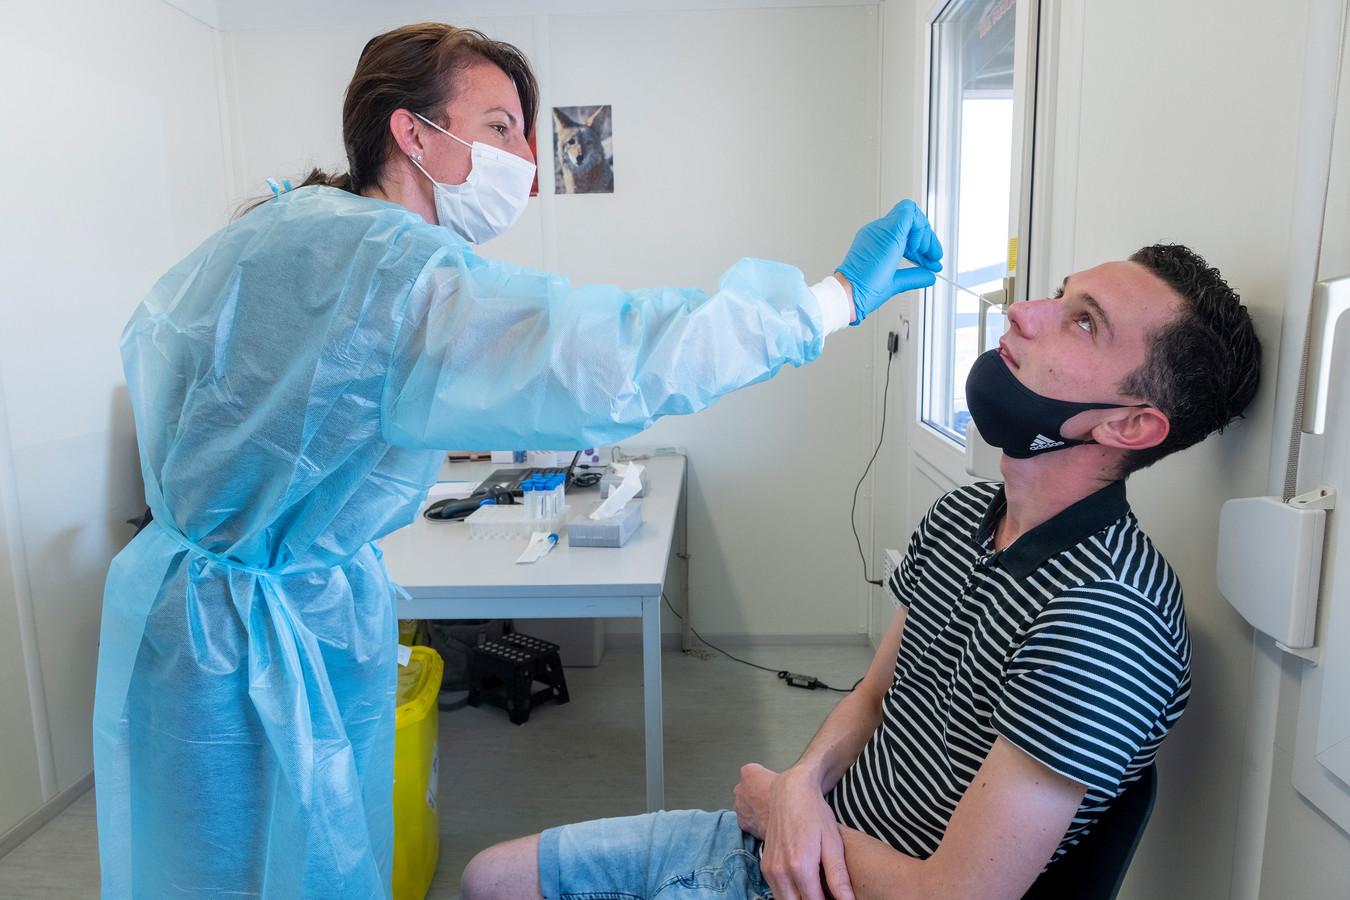 Voor de 99ste keer krijgt Jens Crooijmans een wattenstaaf in zijn neus. Volgende week is hij toe aan coronatest nummer 100.